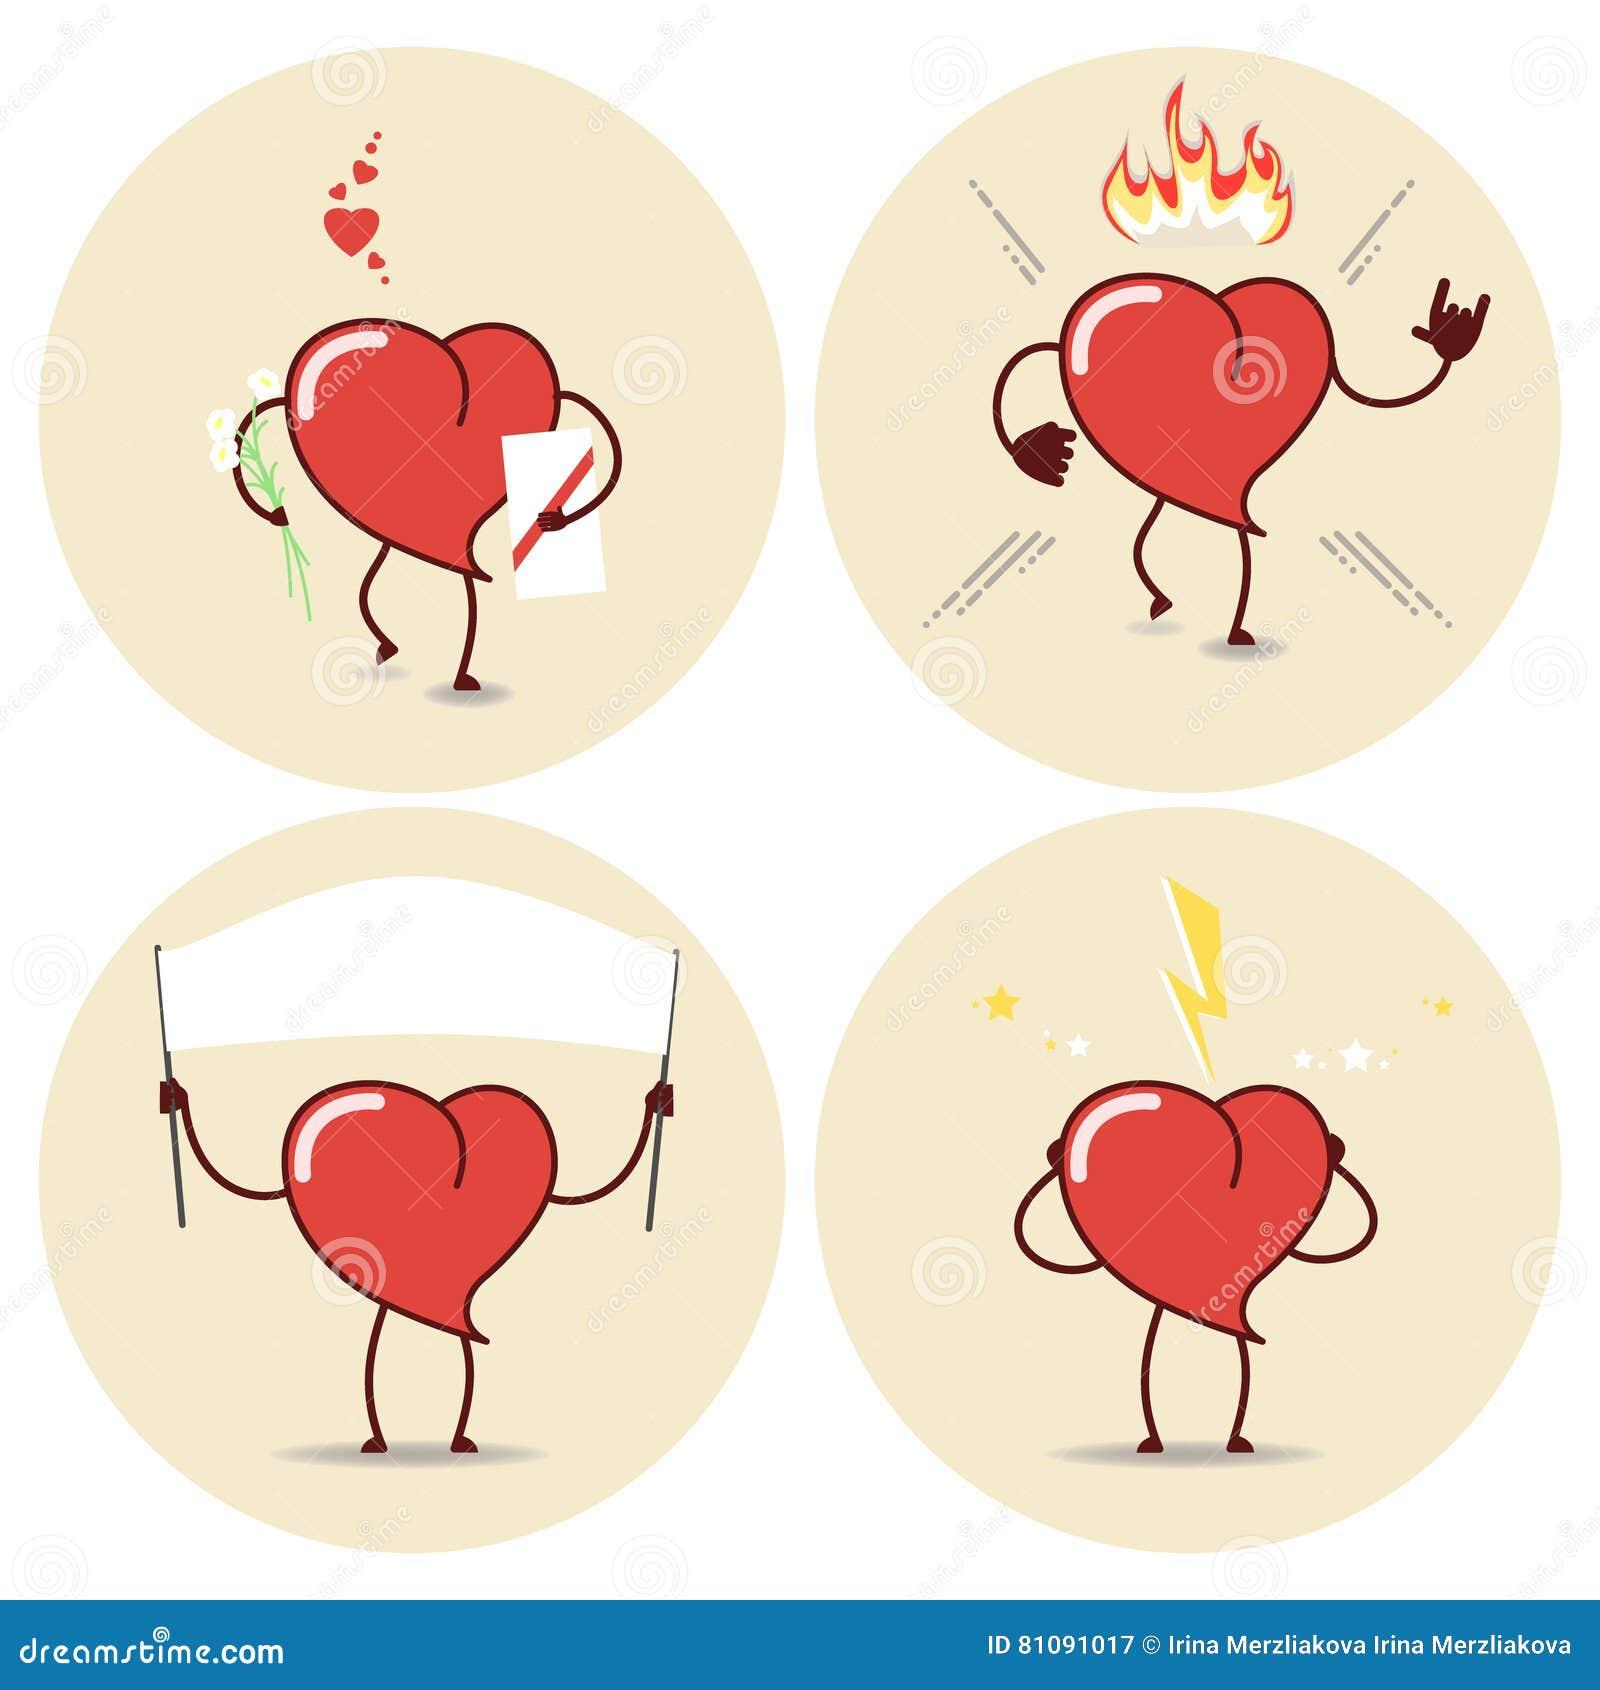 Icones Dos Desenhos Animados Do Coracao Ajustados Amor Queimadura Agitacao Batimento Cardiaco Vect Ilustracao Do Vetor Ilustracao De Queimadura Cardiaco 81091017